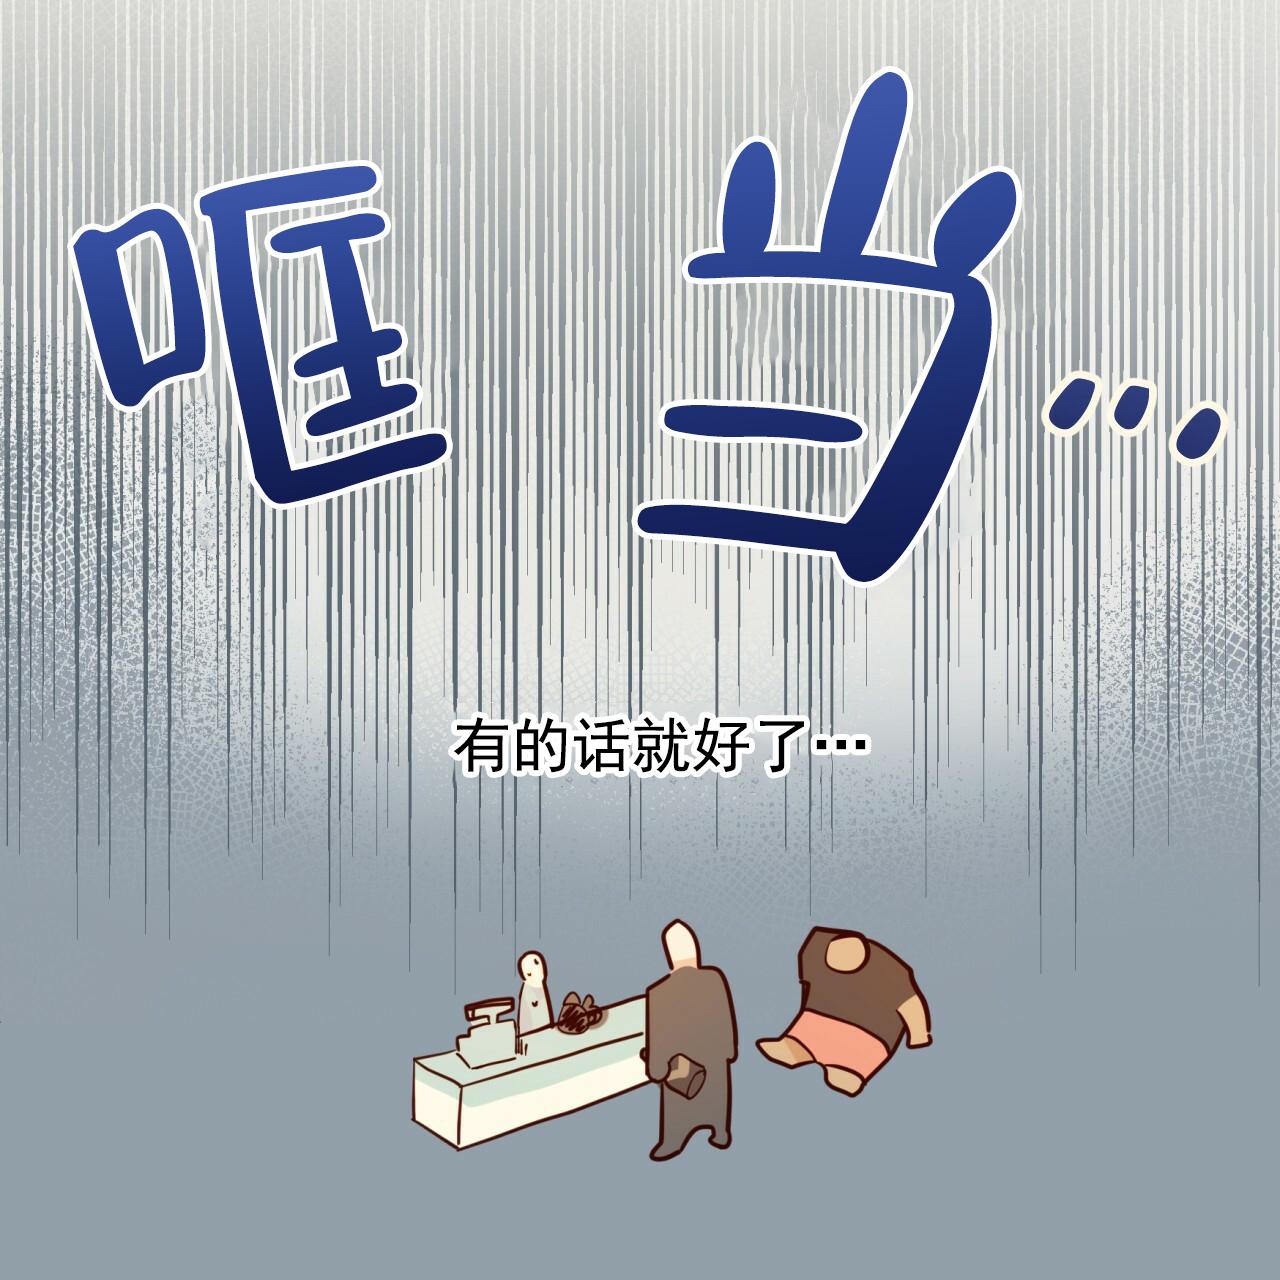 韩漫 | 《危险便利店》黑道大佬攻 X 单纯打工人受  第15张